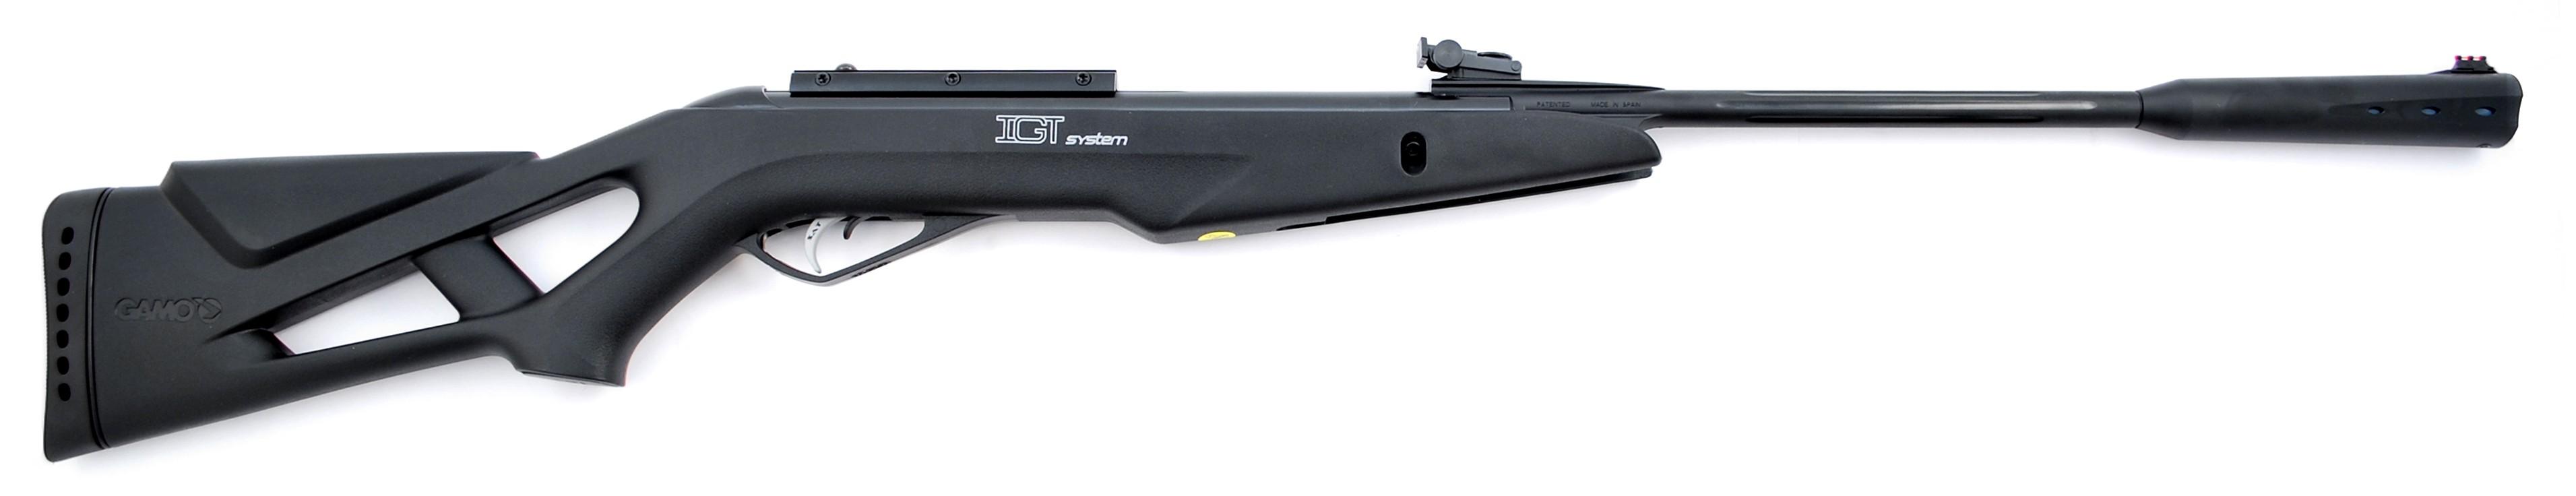 Въздушна пушка  GAMO Whisper IGT  5.5мм